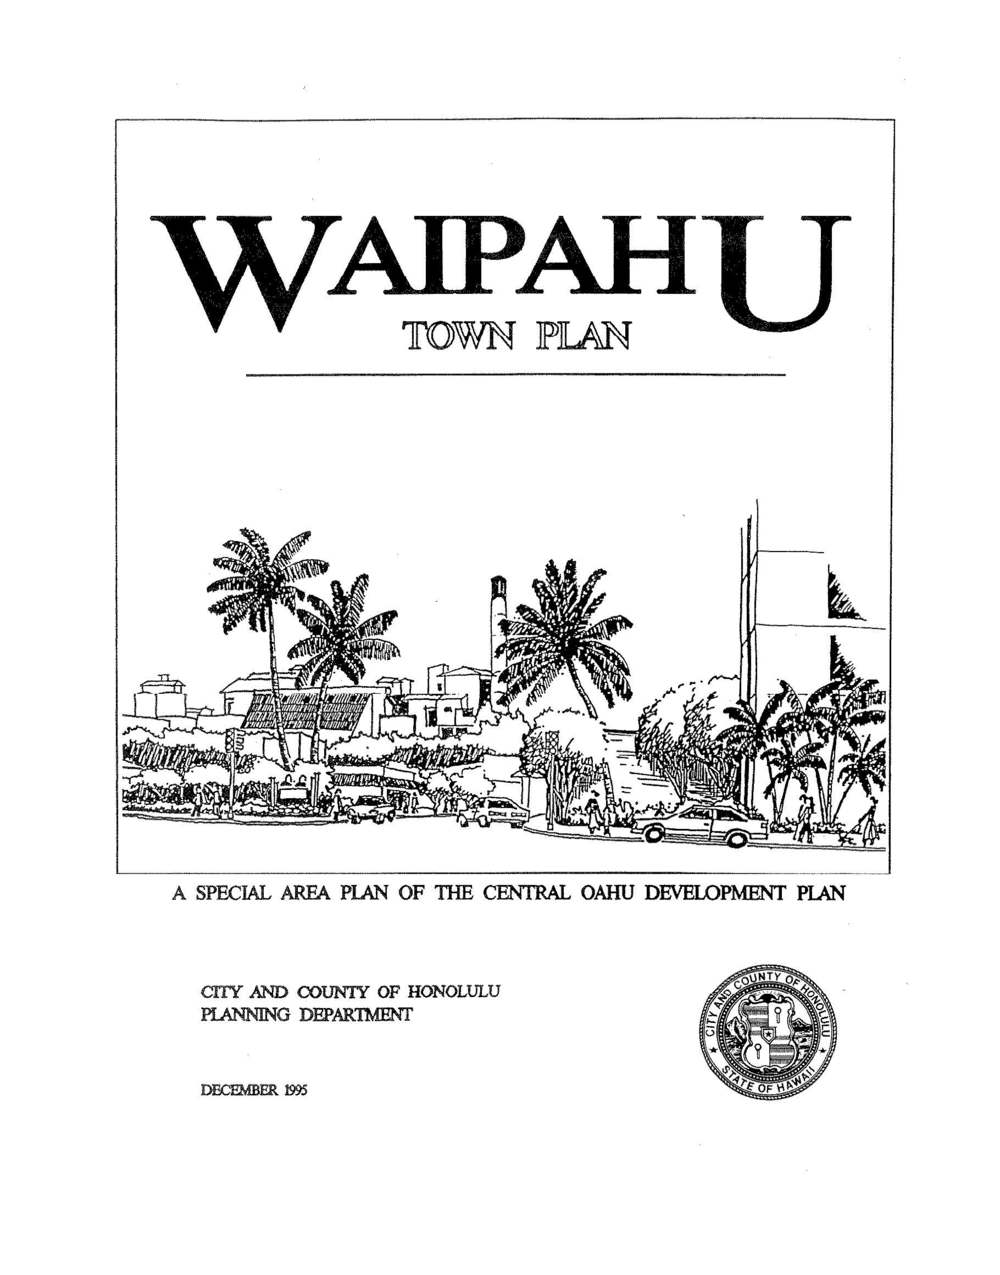 160531_WaipahuTownPlan(1995)_Page_01.jpg